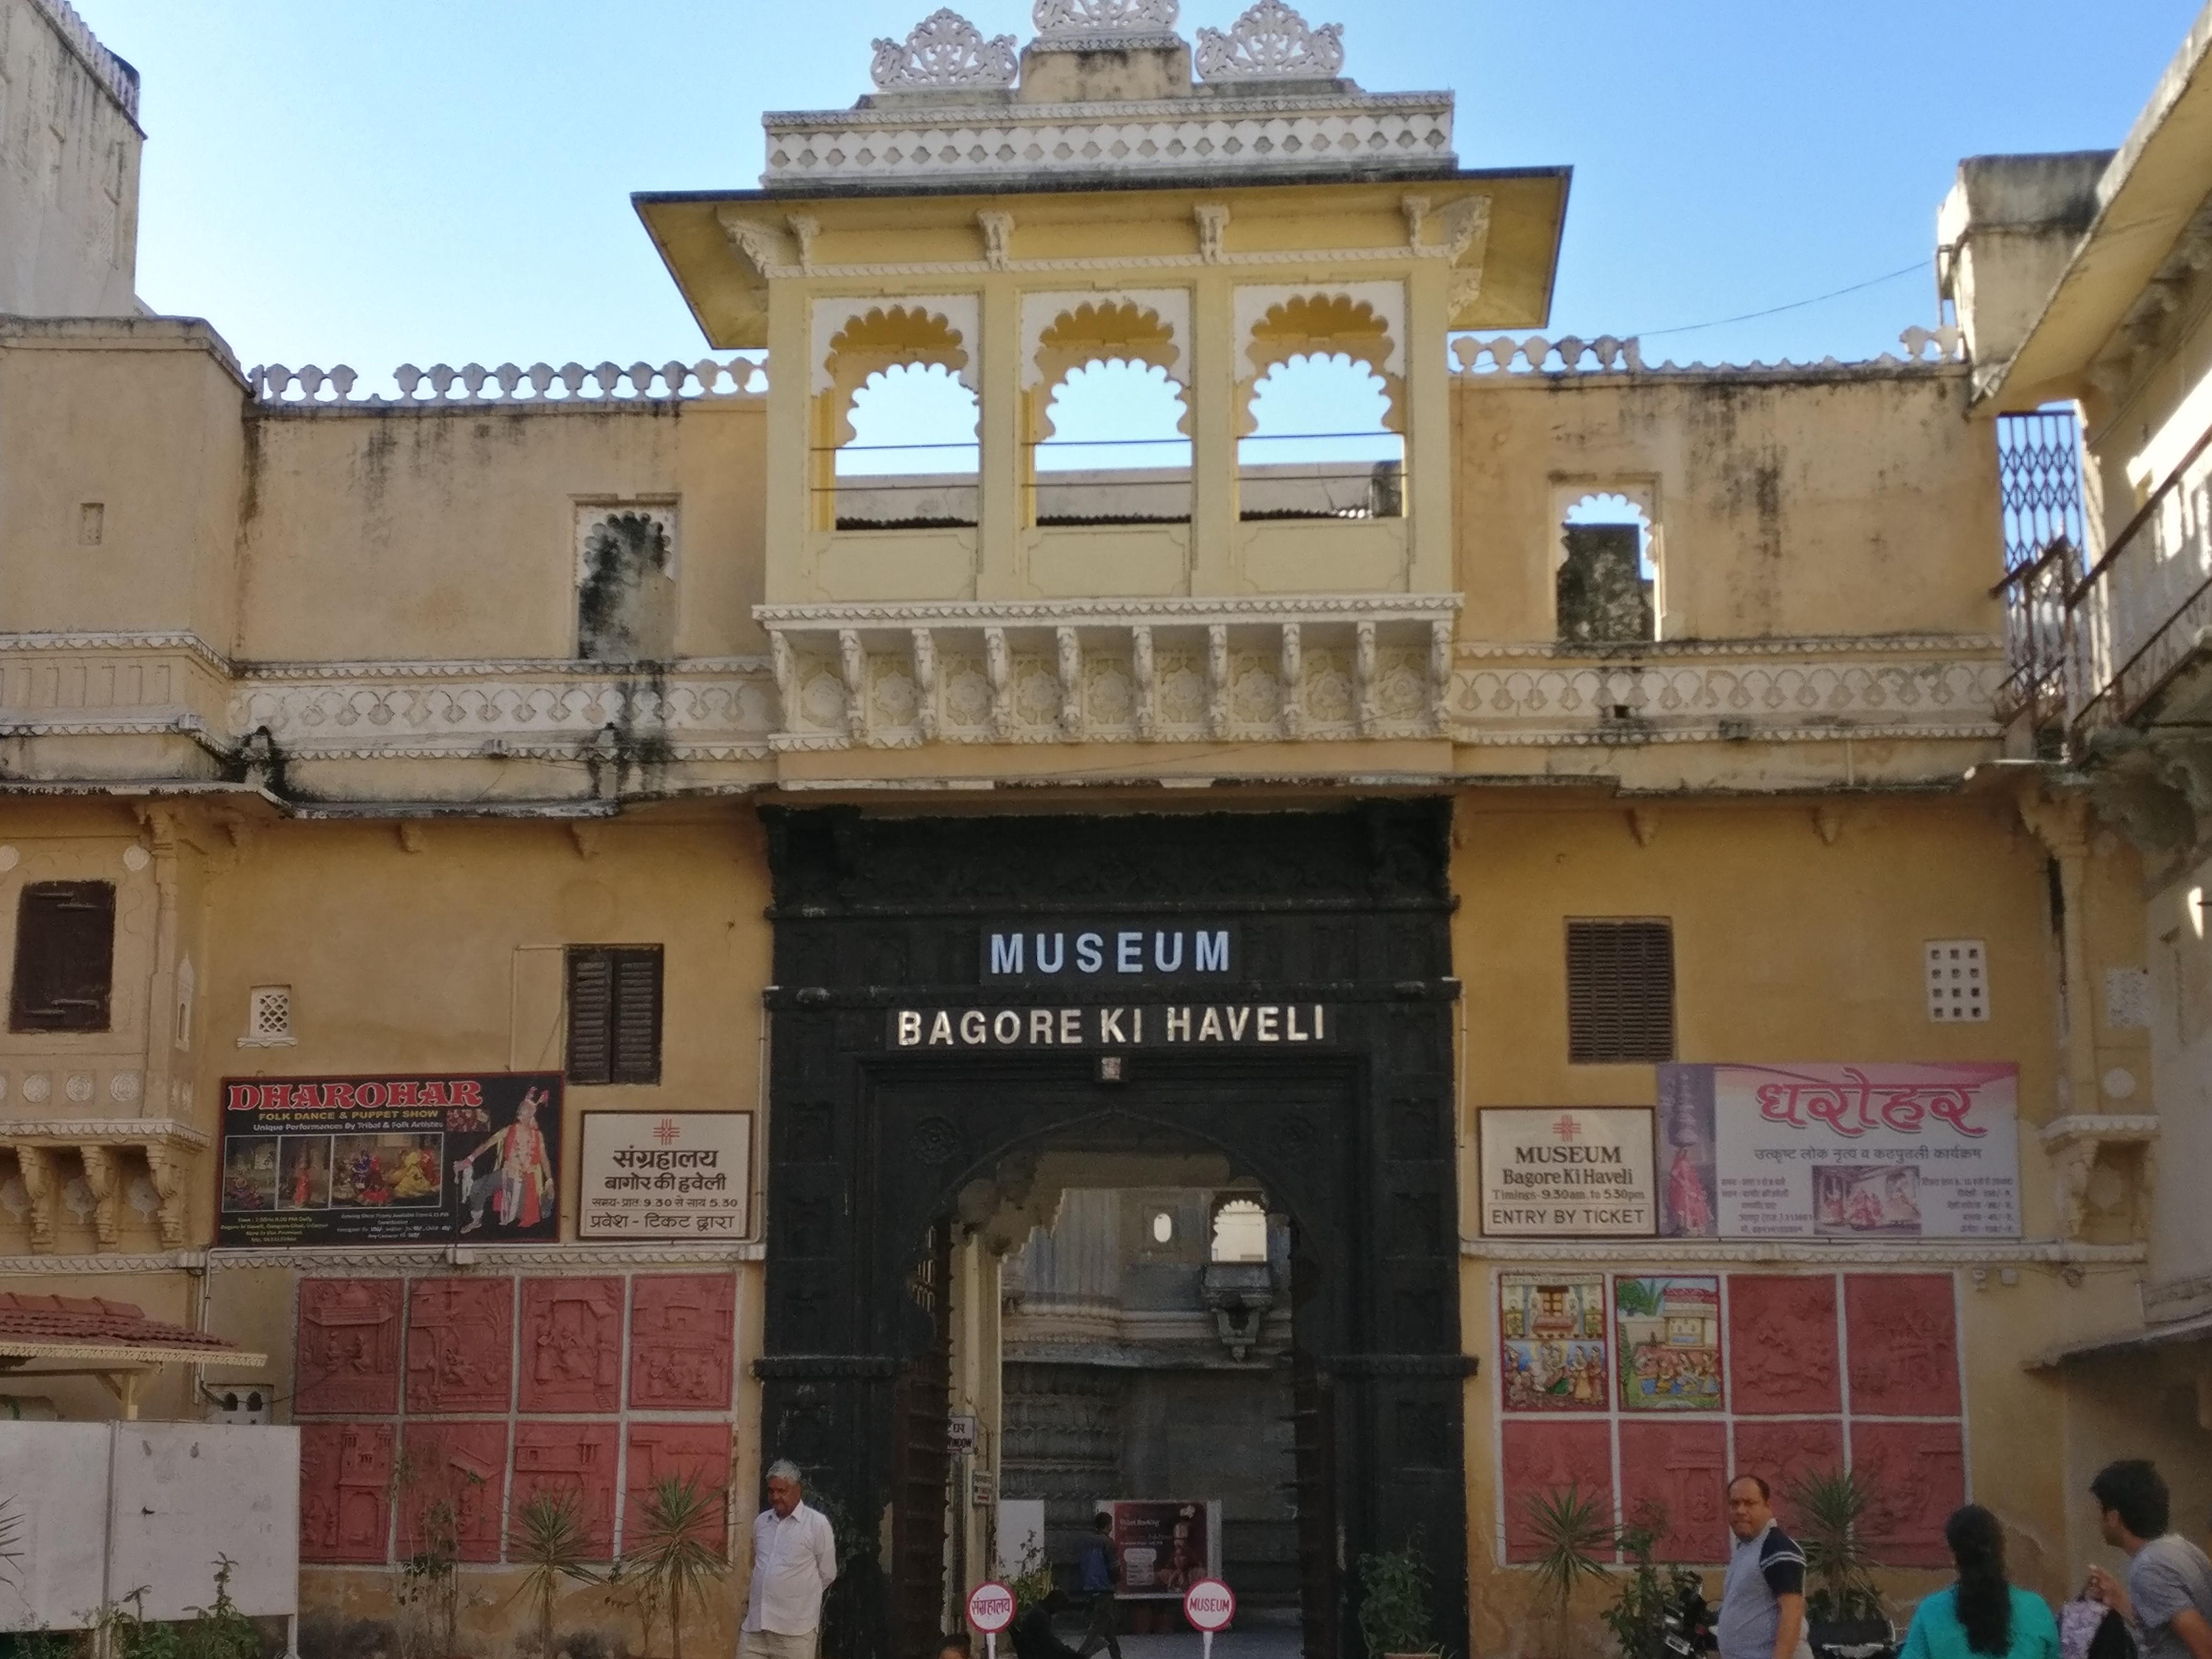 Bagore ki haveli Udaipur Rajasthan